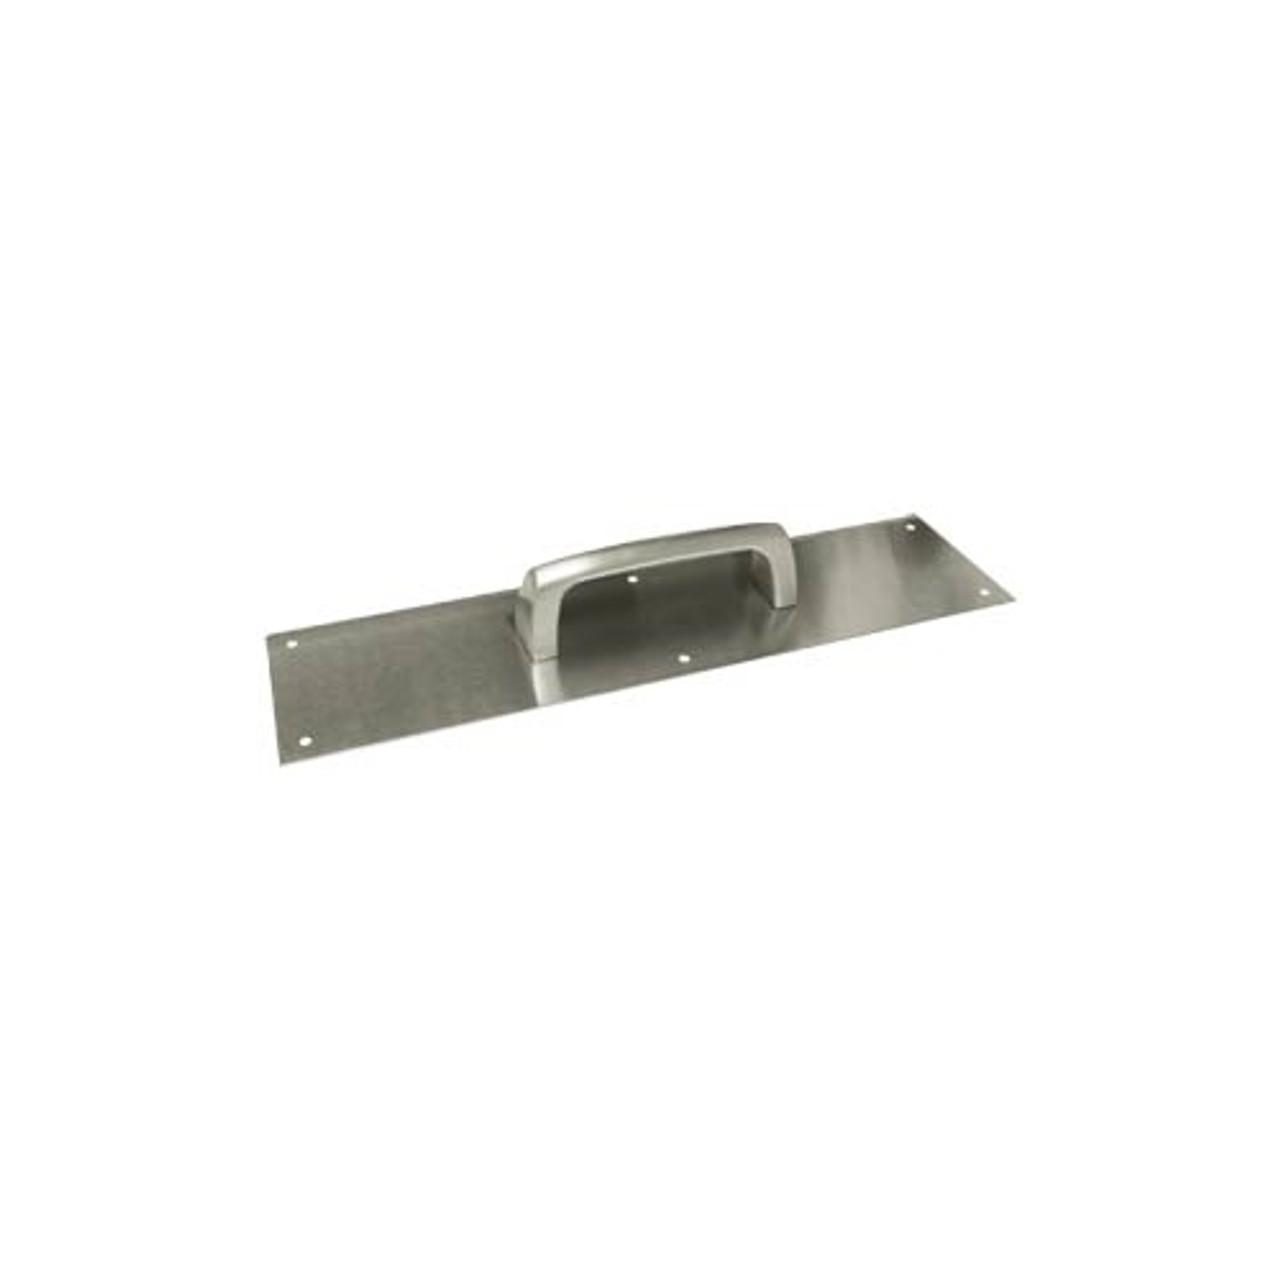 Hager 30S Door Push Plate 4x16 US4 Satin brass